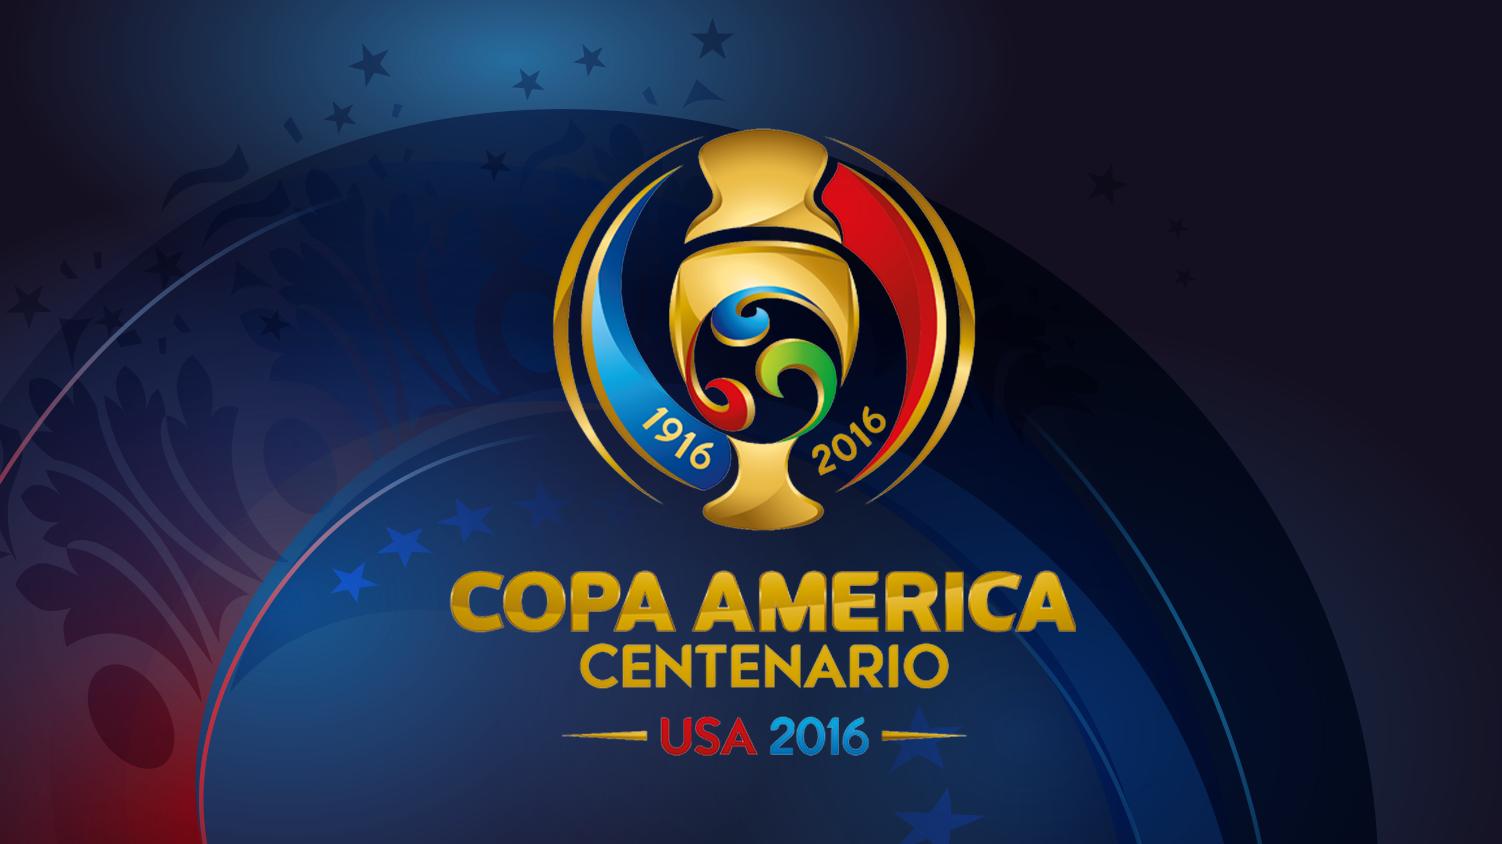 Comentad la final y 3°/4° puesto de Copa América 2-5890-20160526-100123